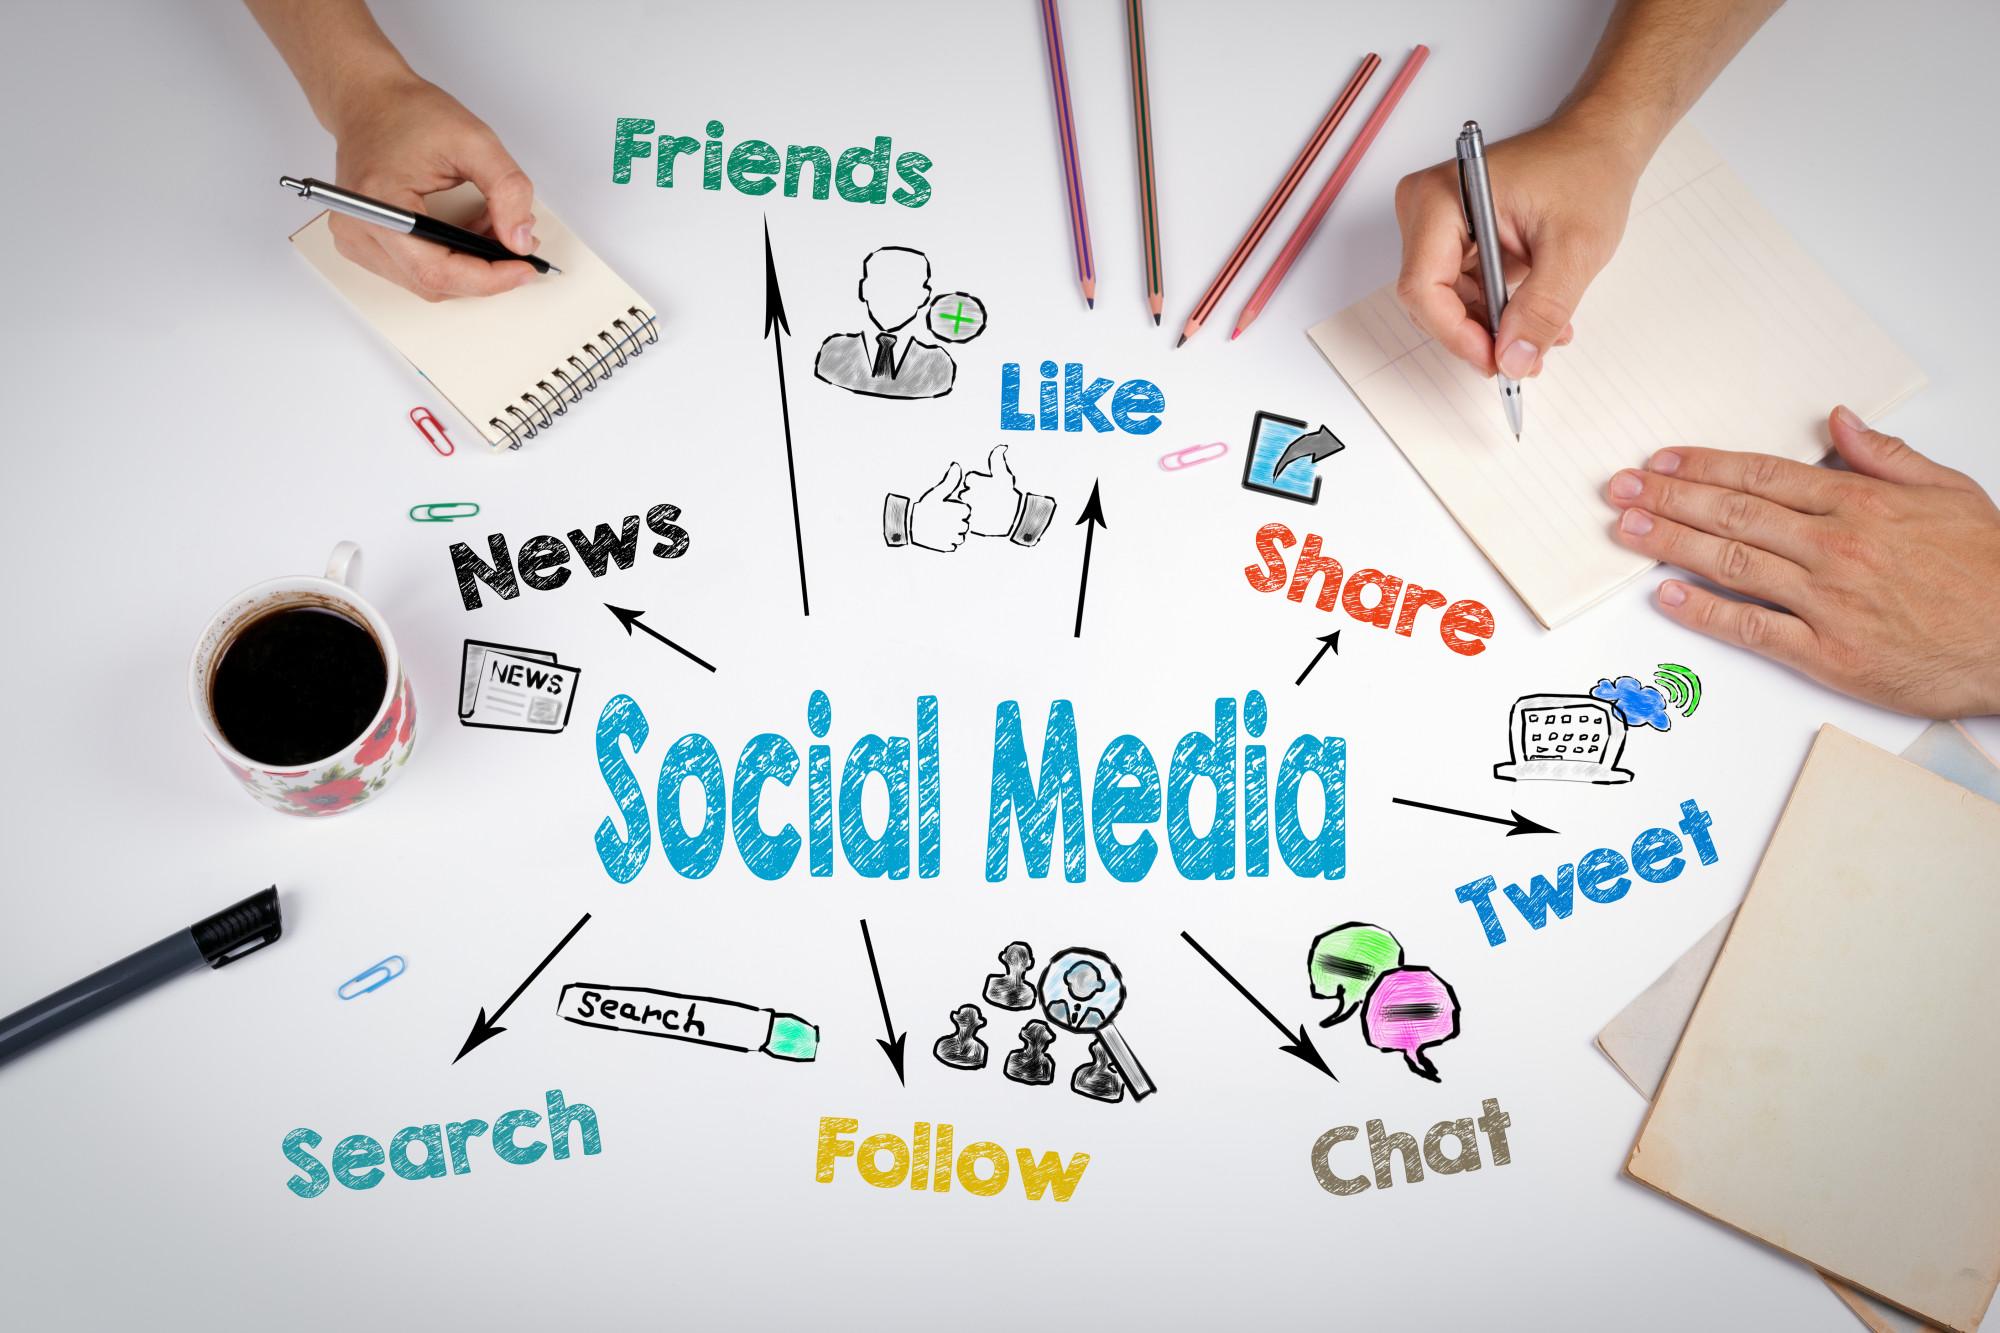 SEO sociale: i social media influenzano la classifica SEO?